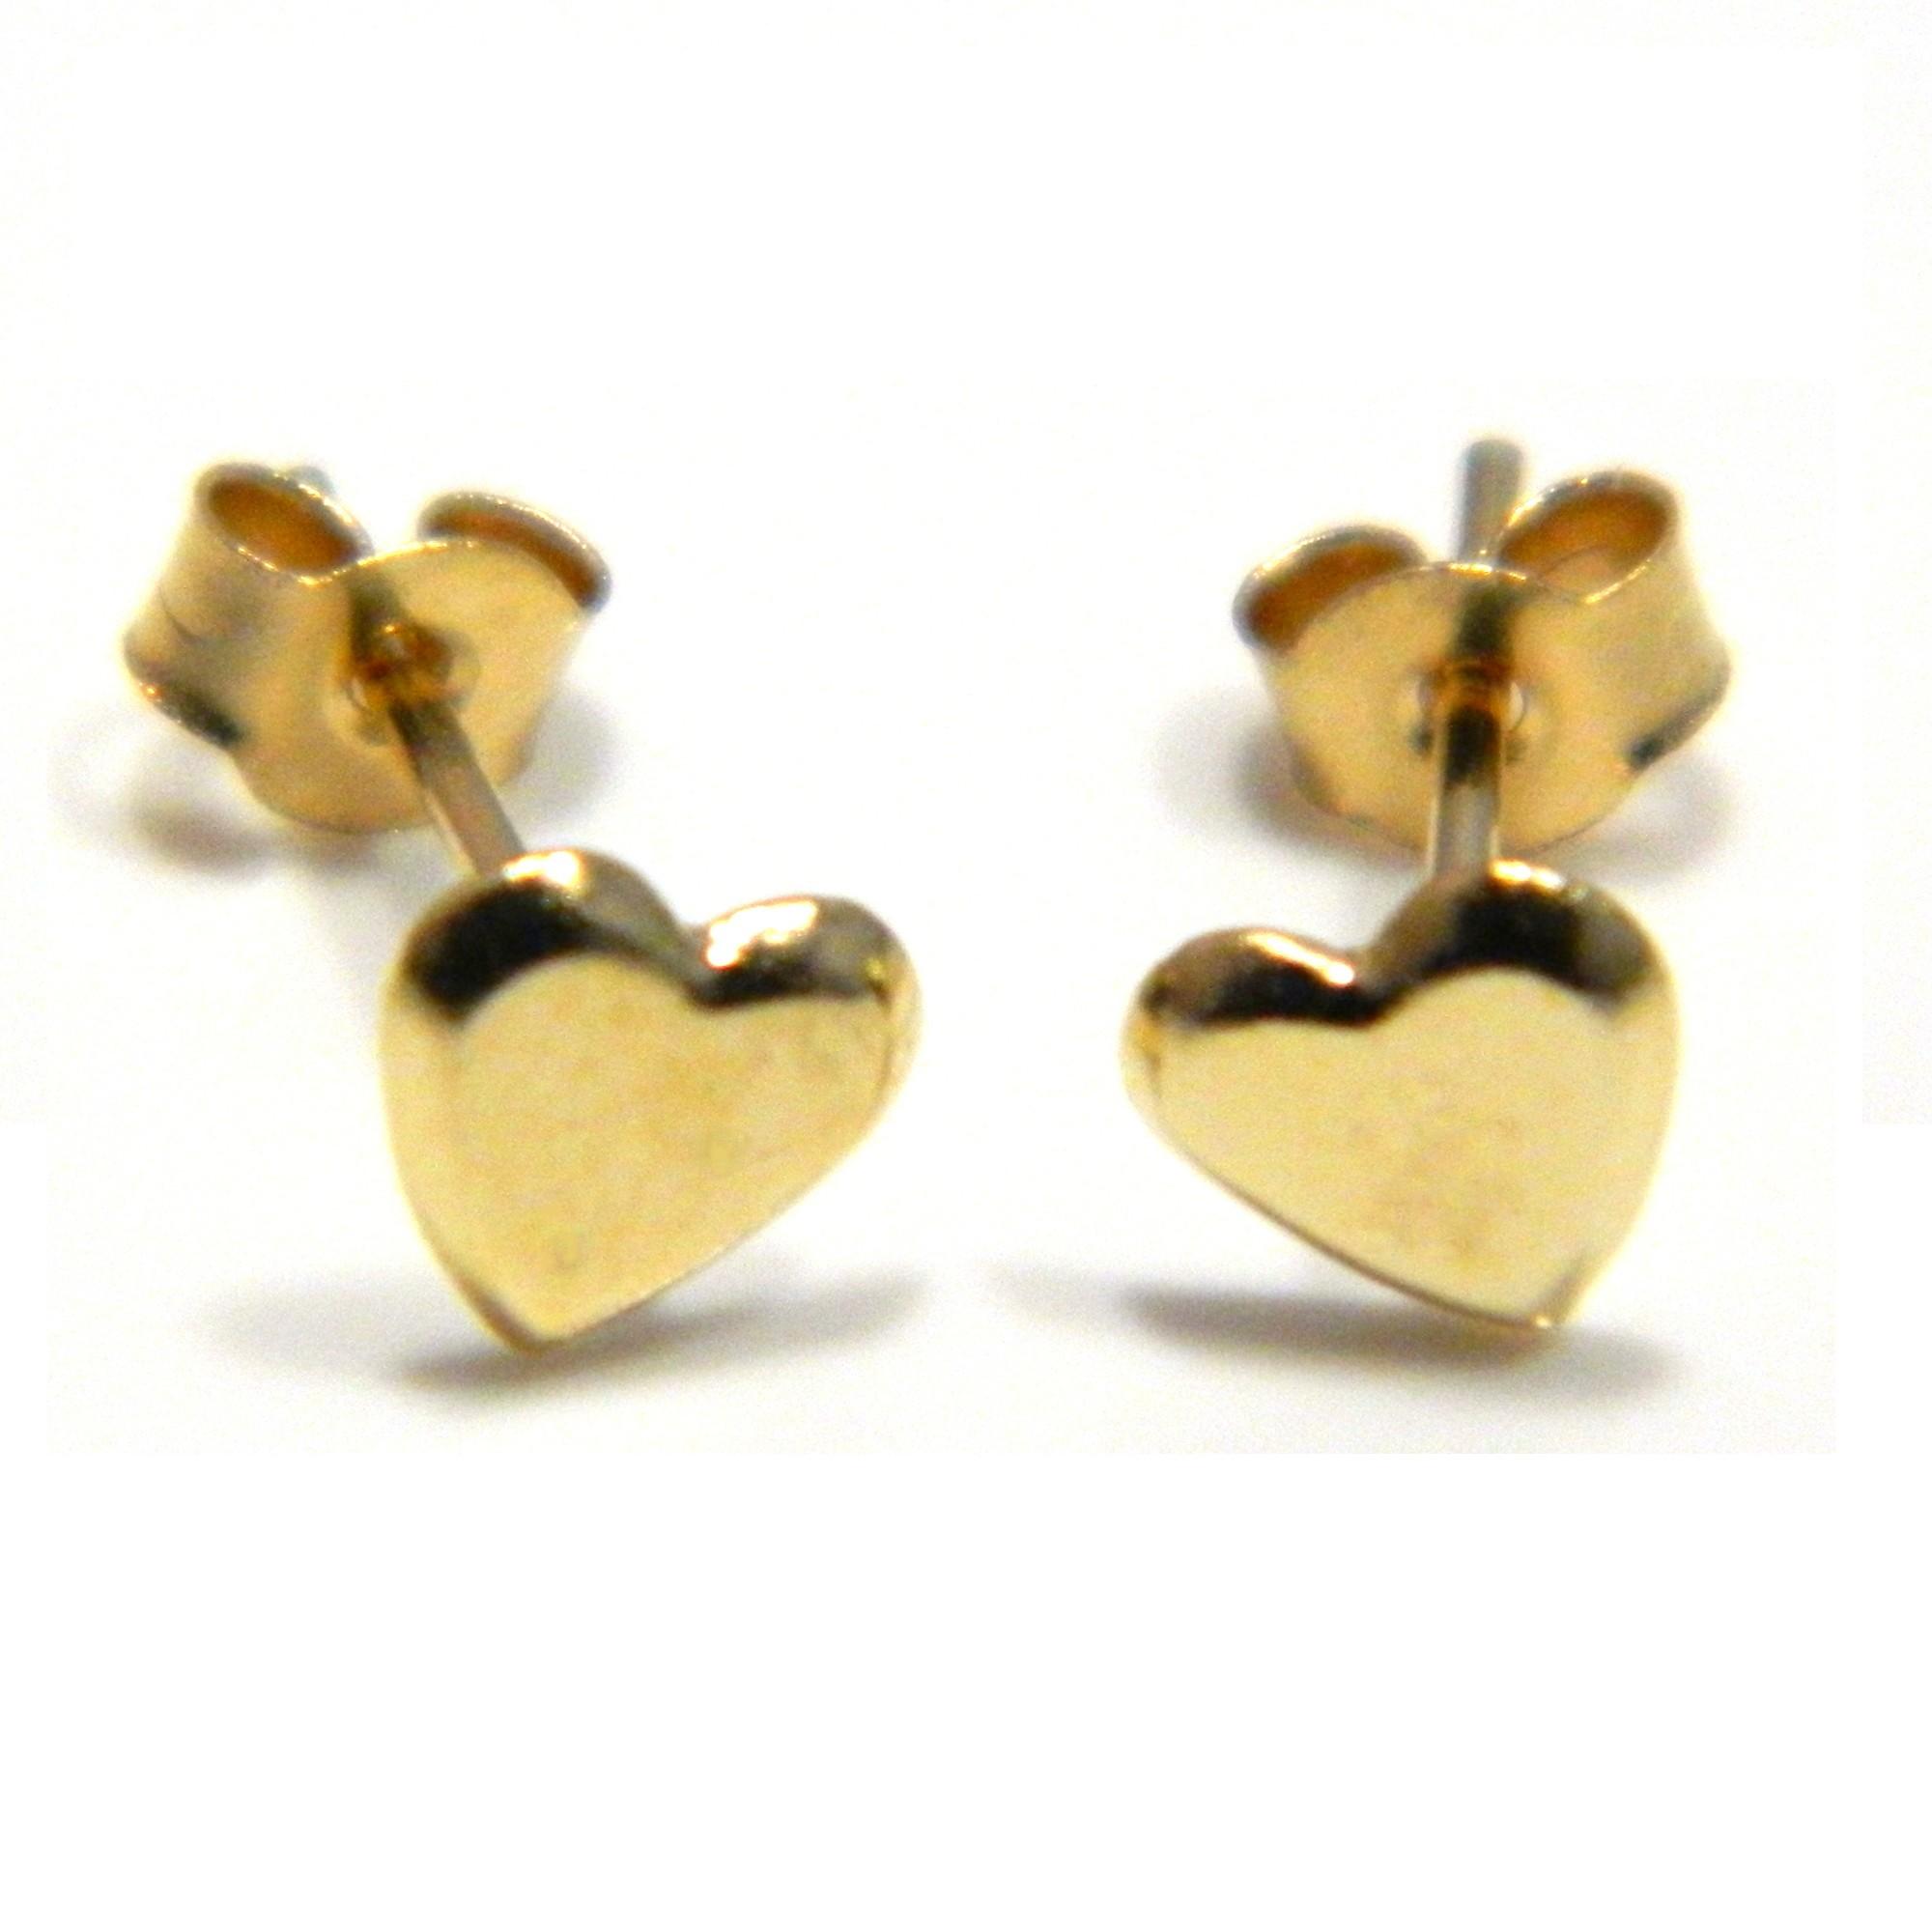 Arranview Jewellery Heart Stud Earring - 9ct Gold gIbBp